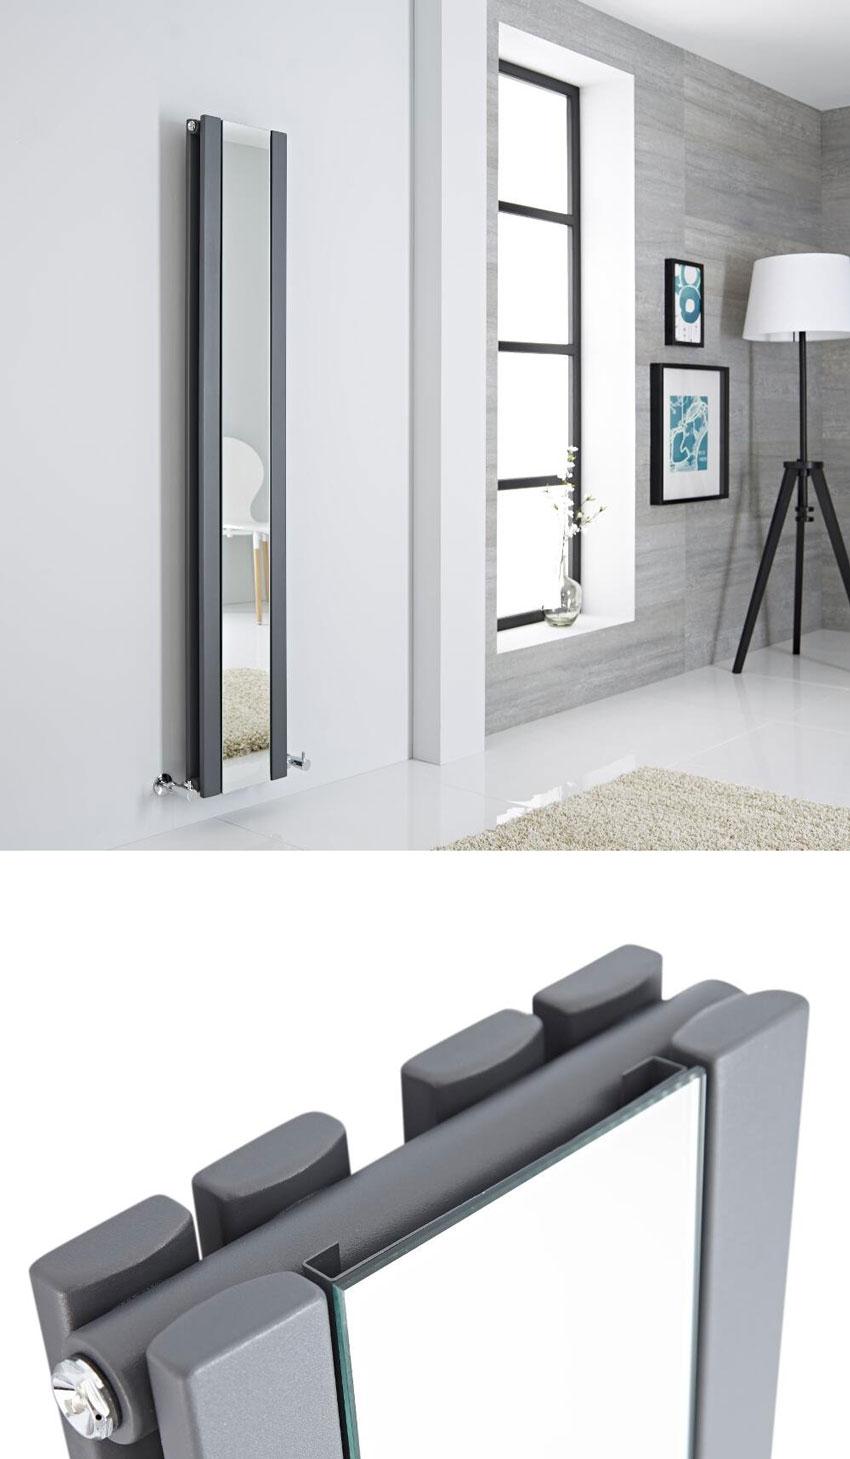 termosifone salvaspazio verticale con specchio, ideale per riscaldare il bagno.